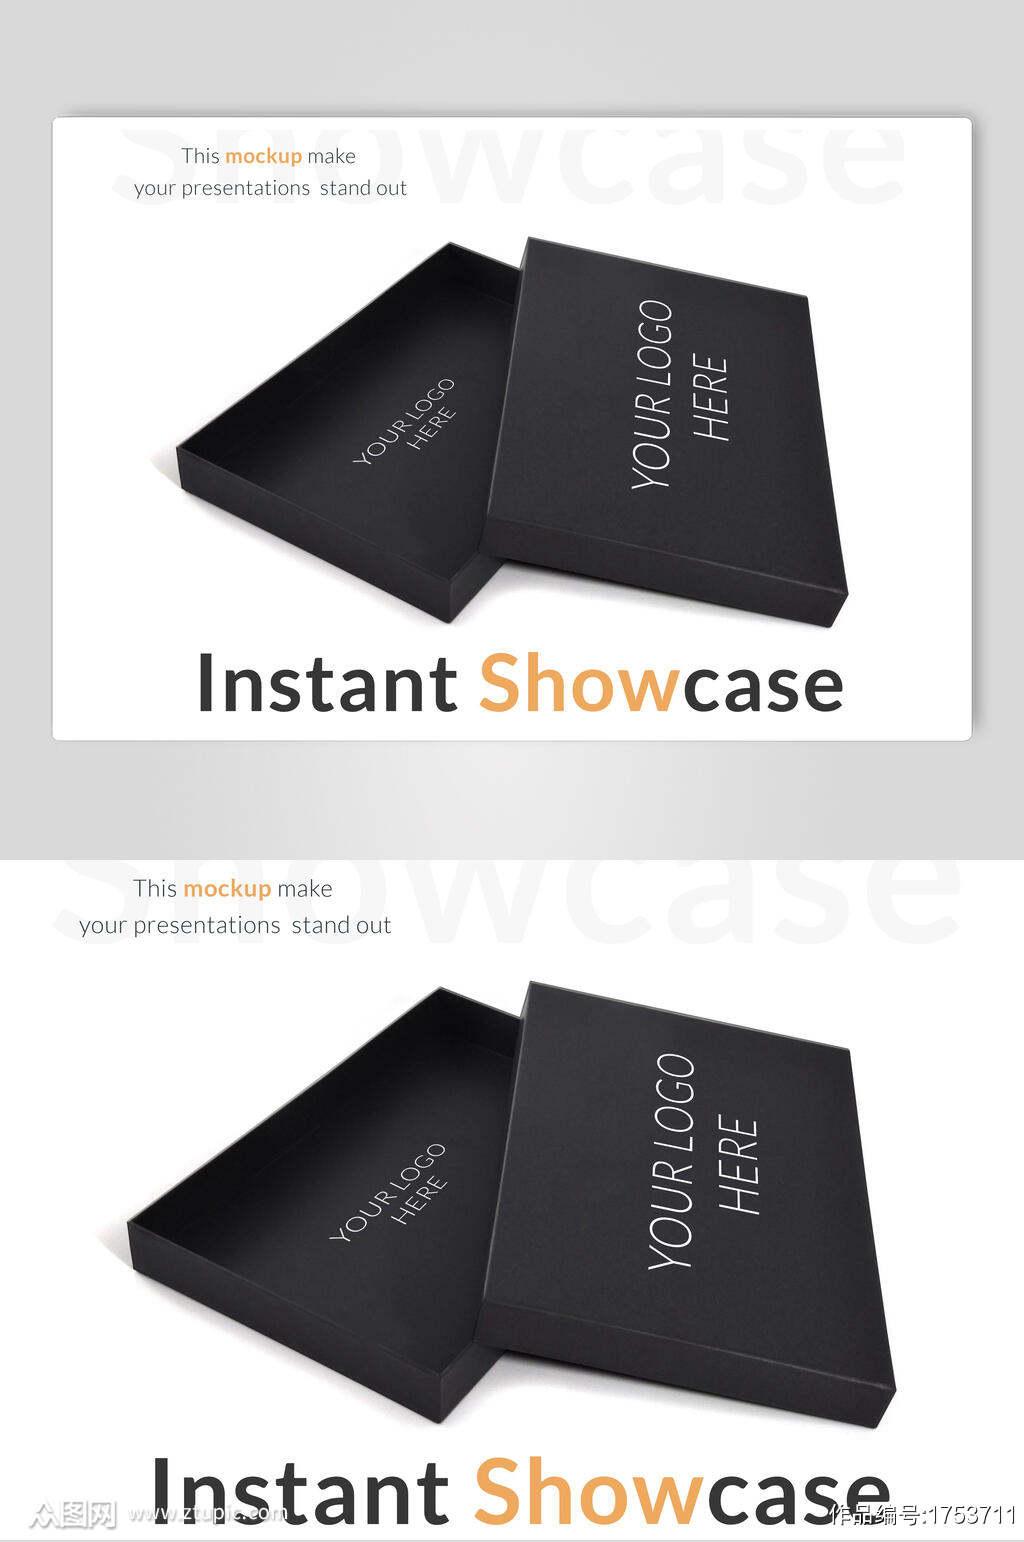 黑色盒子包装样机效果图素材